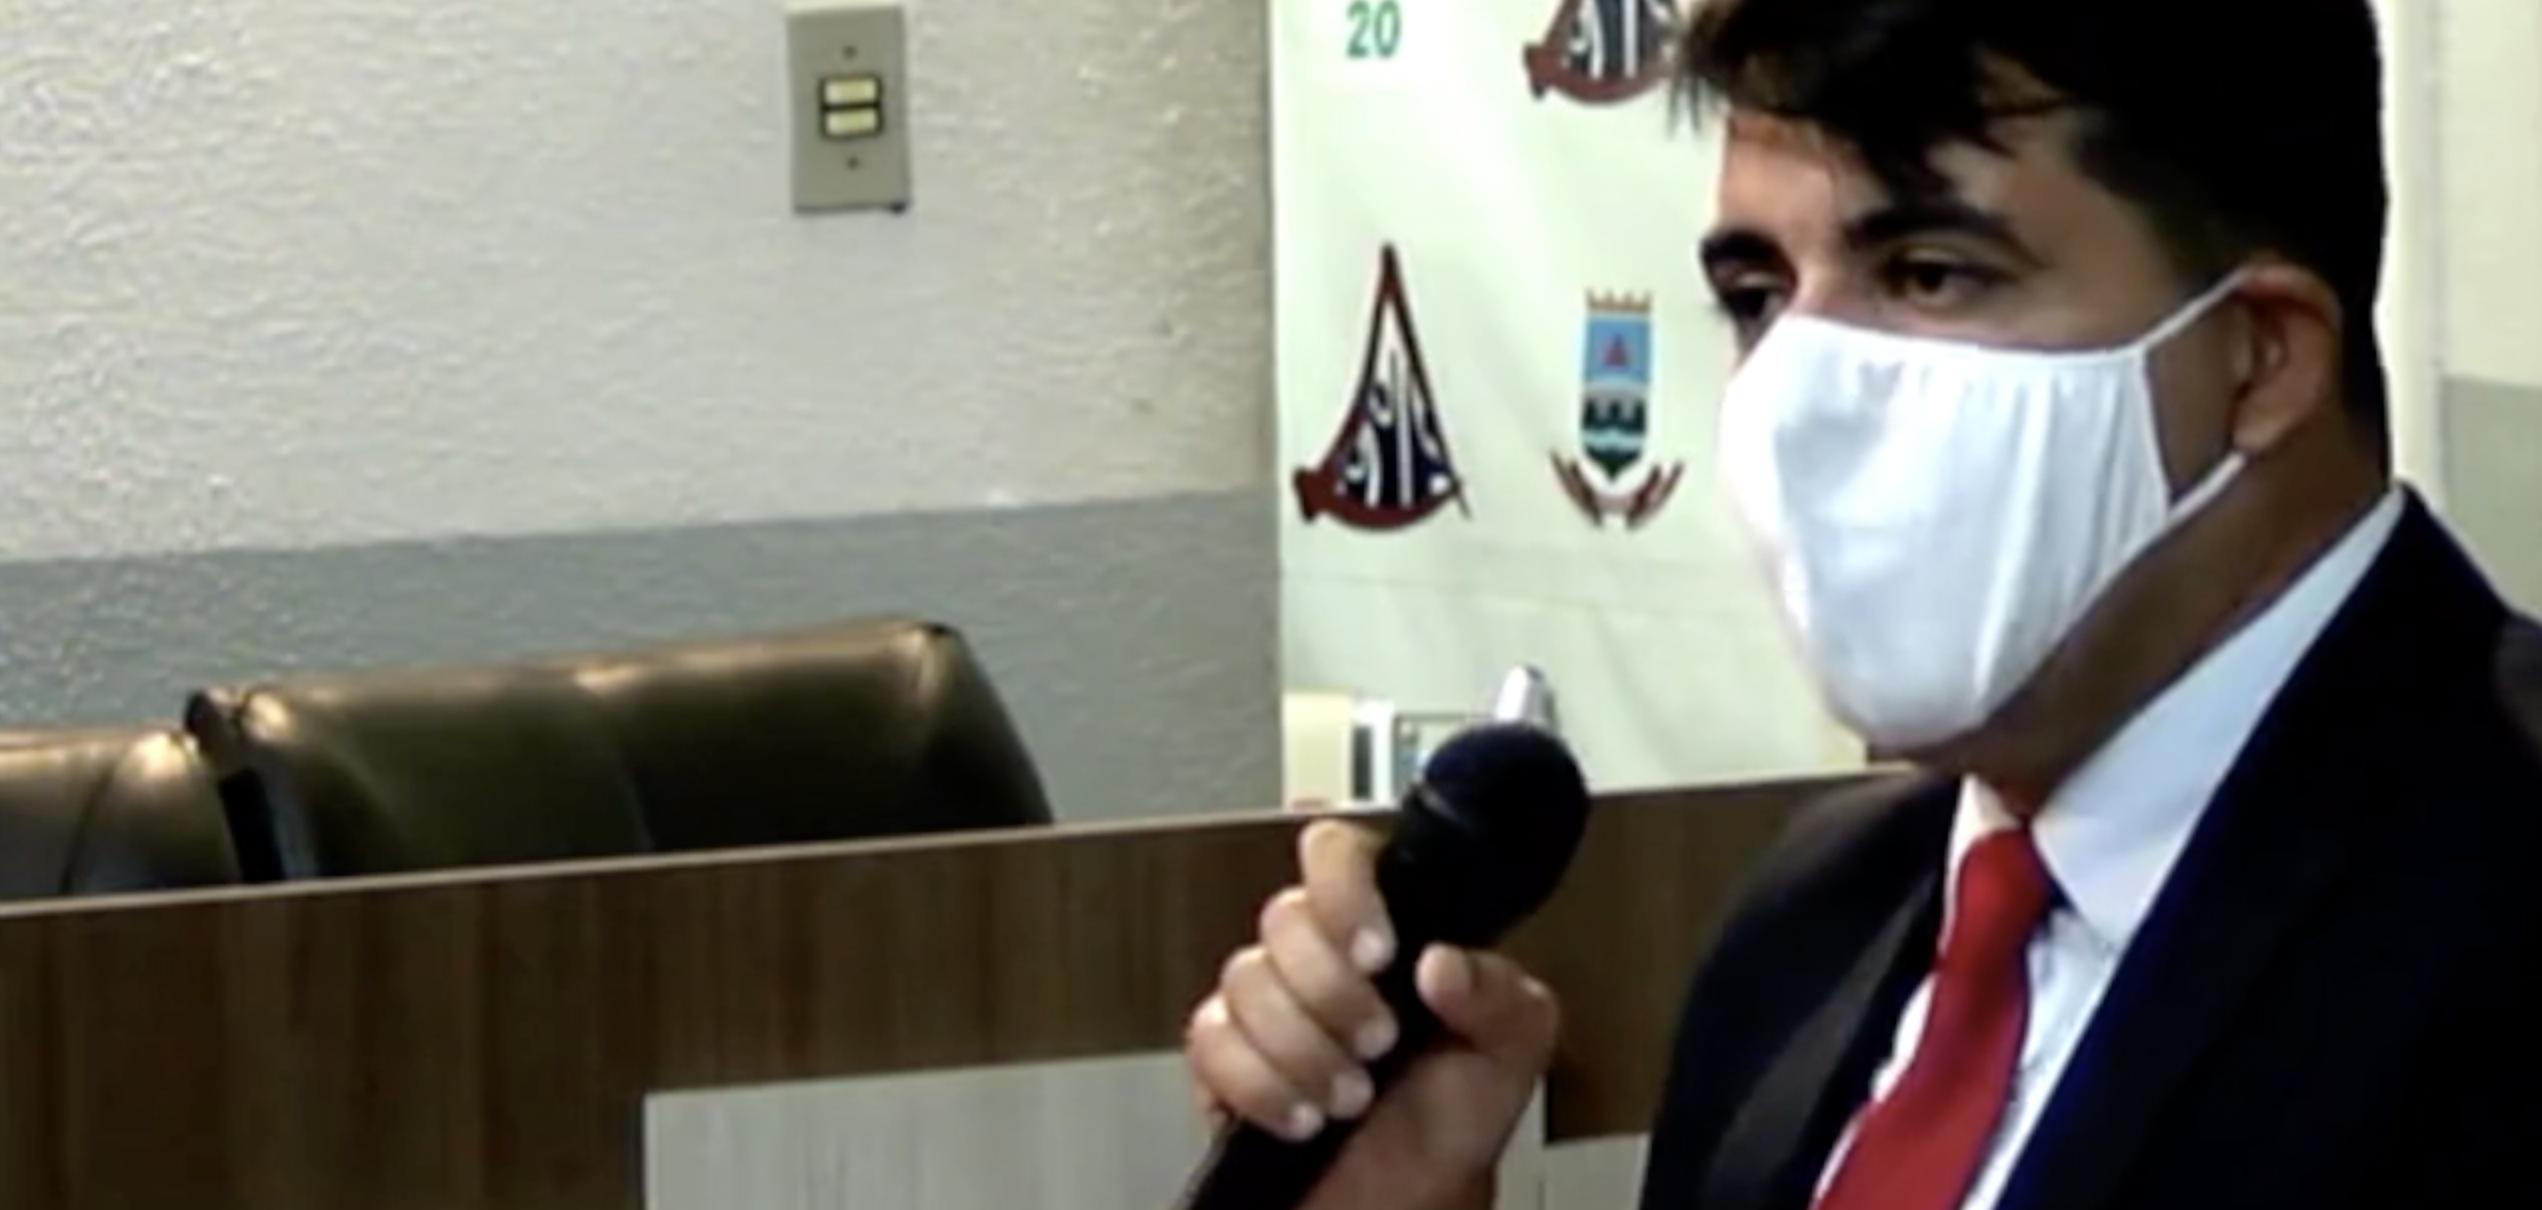 Discussão entre vereadores desmantela base aliada do Prefeito Nivaldo Andrade